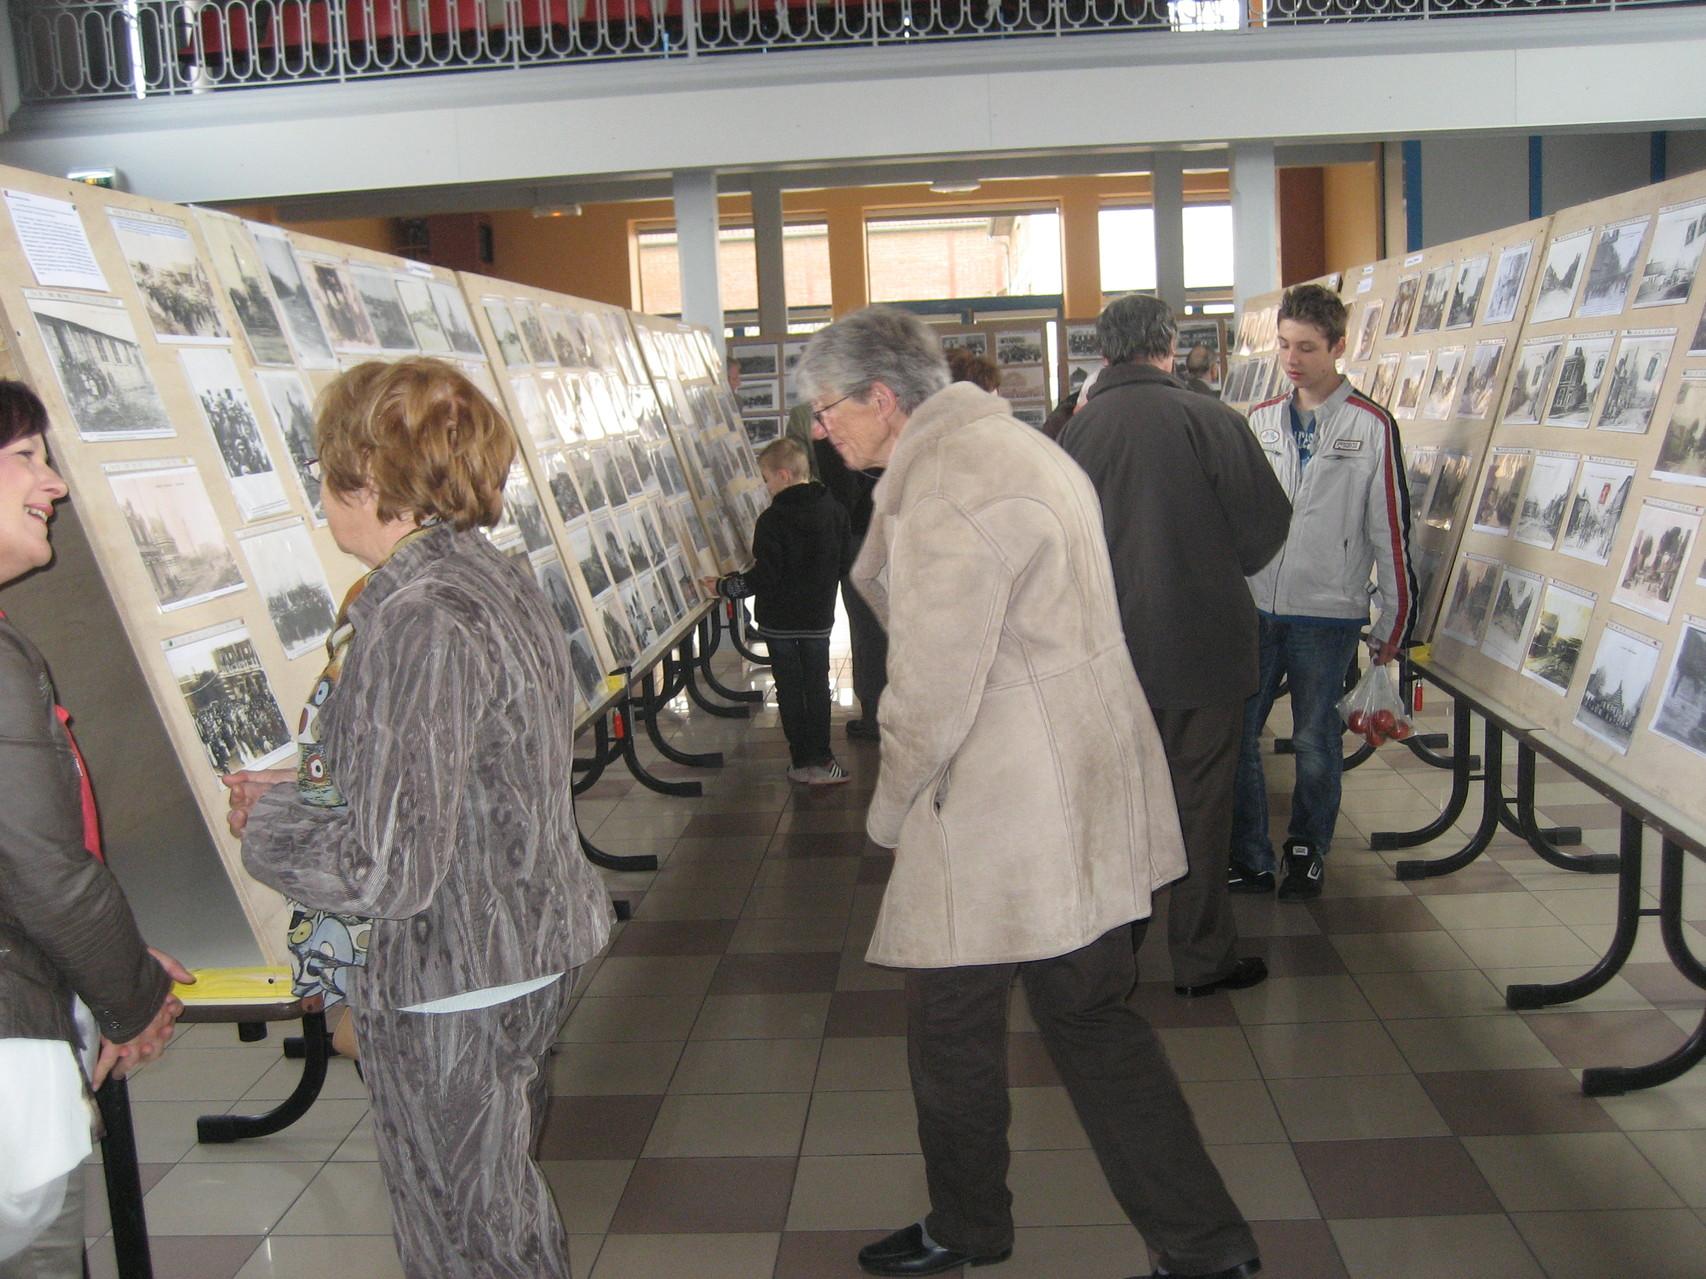 A gauche, échange entre Patricia Bethermin et Francine Delauney qui ont grandement collaboré à la réalisation de cette exposition. Au centre Denise Barreaud et à droite Léonard Cluytens qui ont proposé la visite des tours de guet